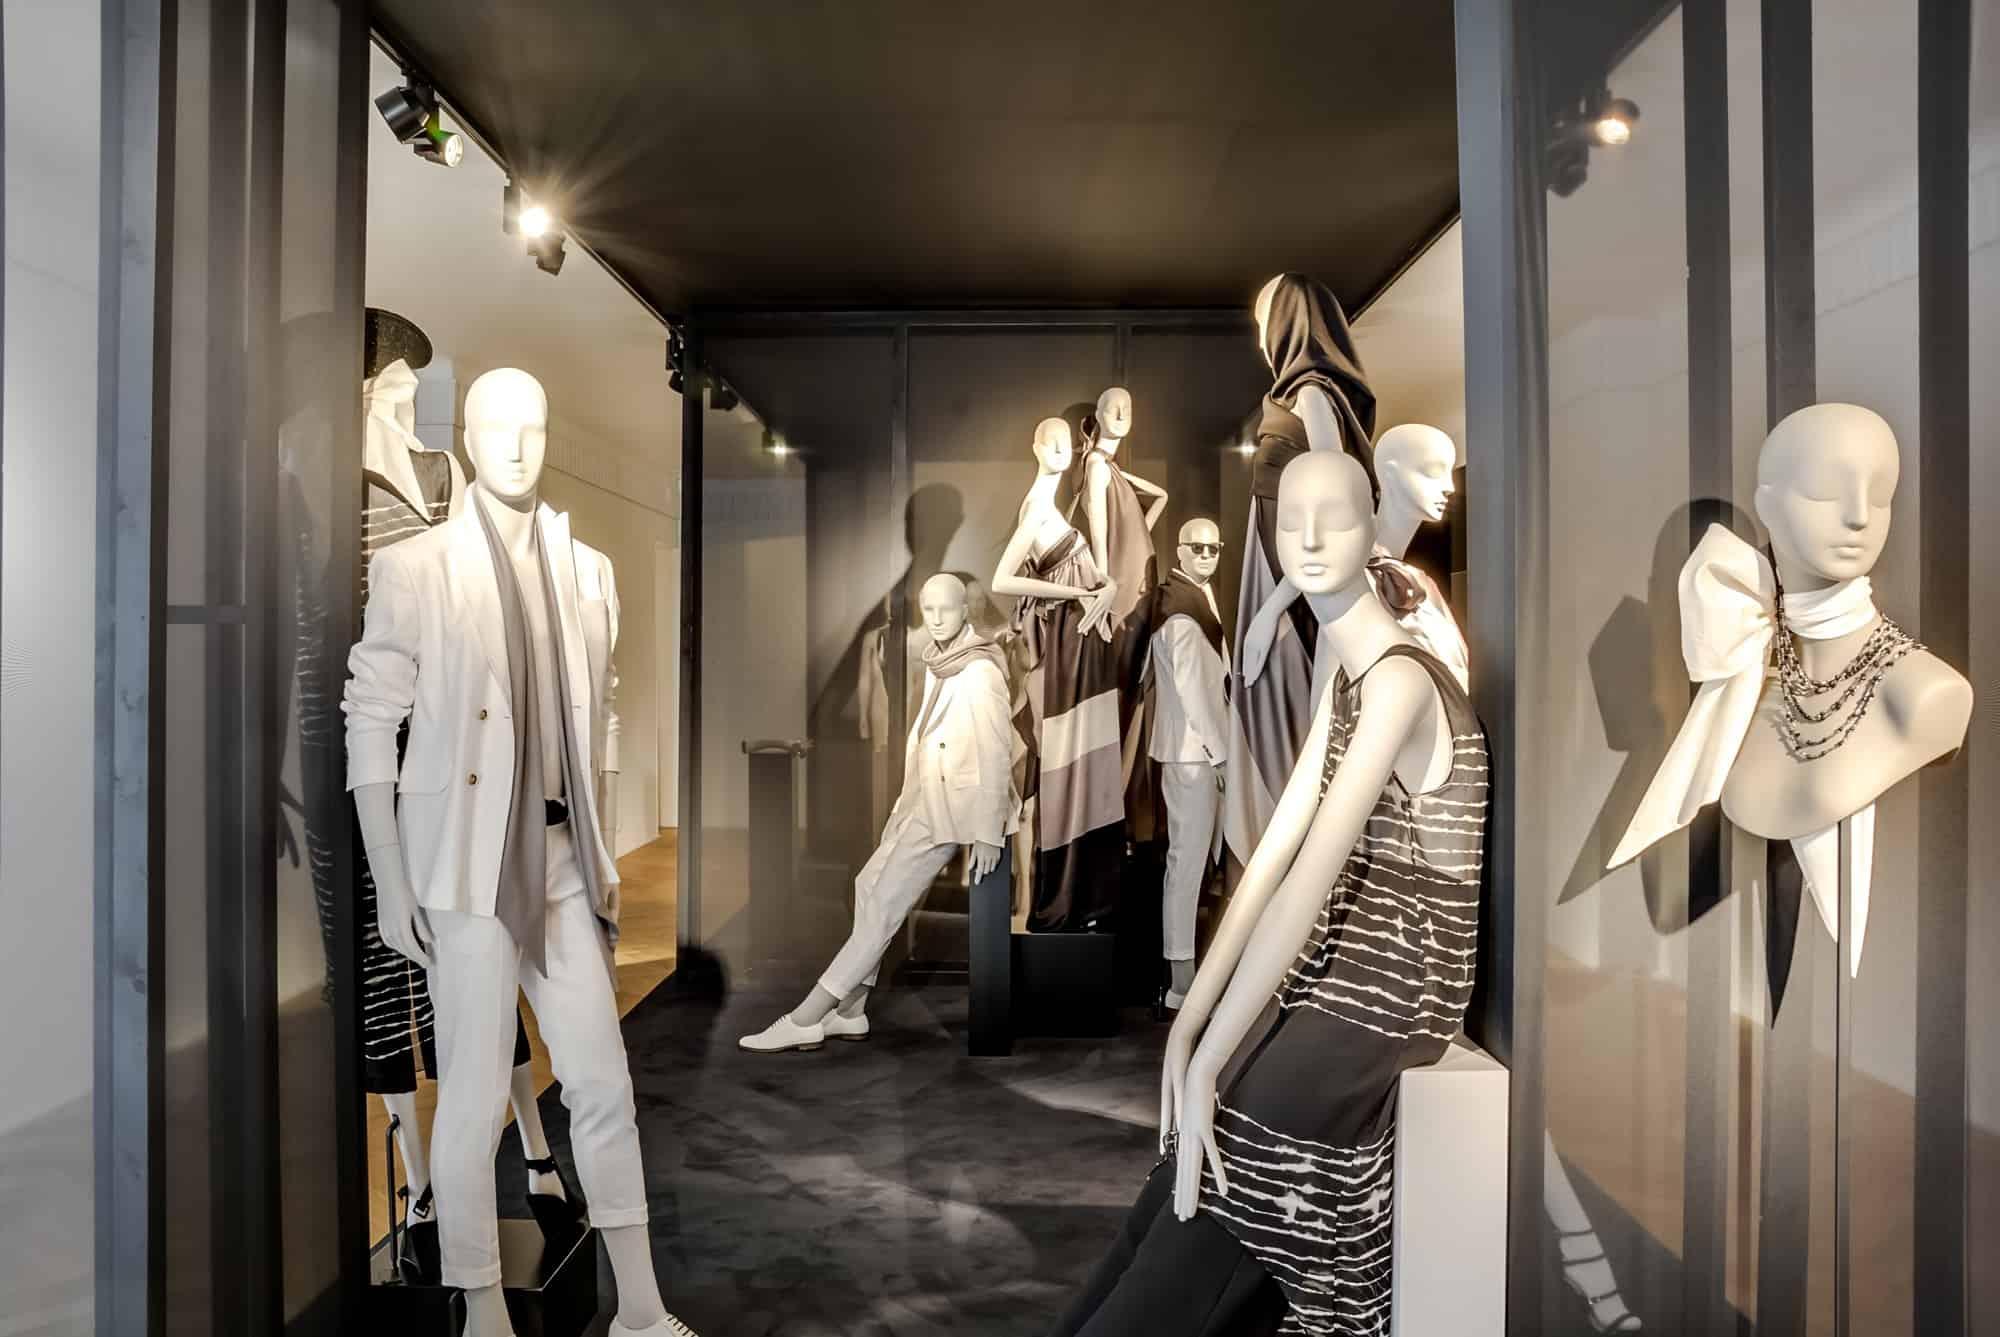 bonaveri-mannequins-france-showroom-03